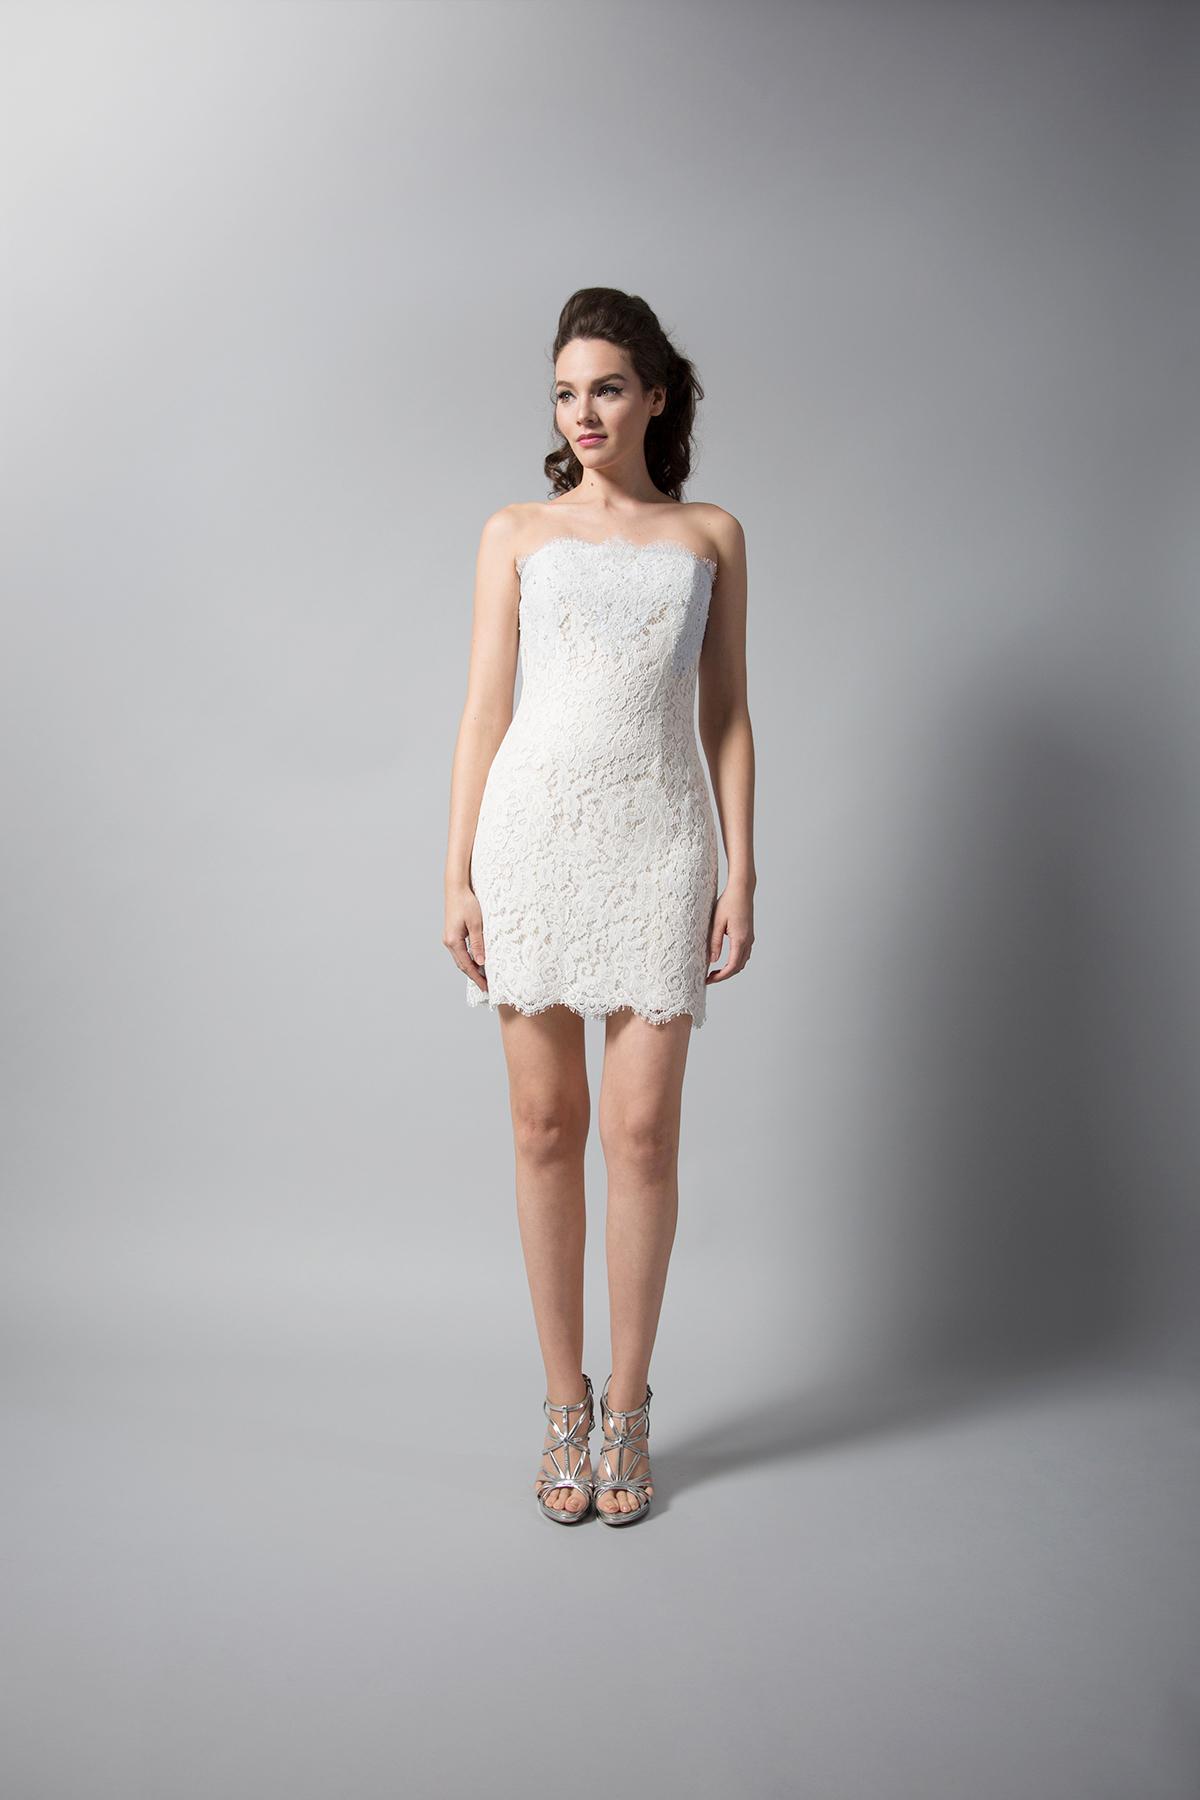 randi rahm short lace strapless wedding dress fall 2018